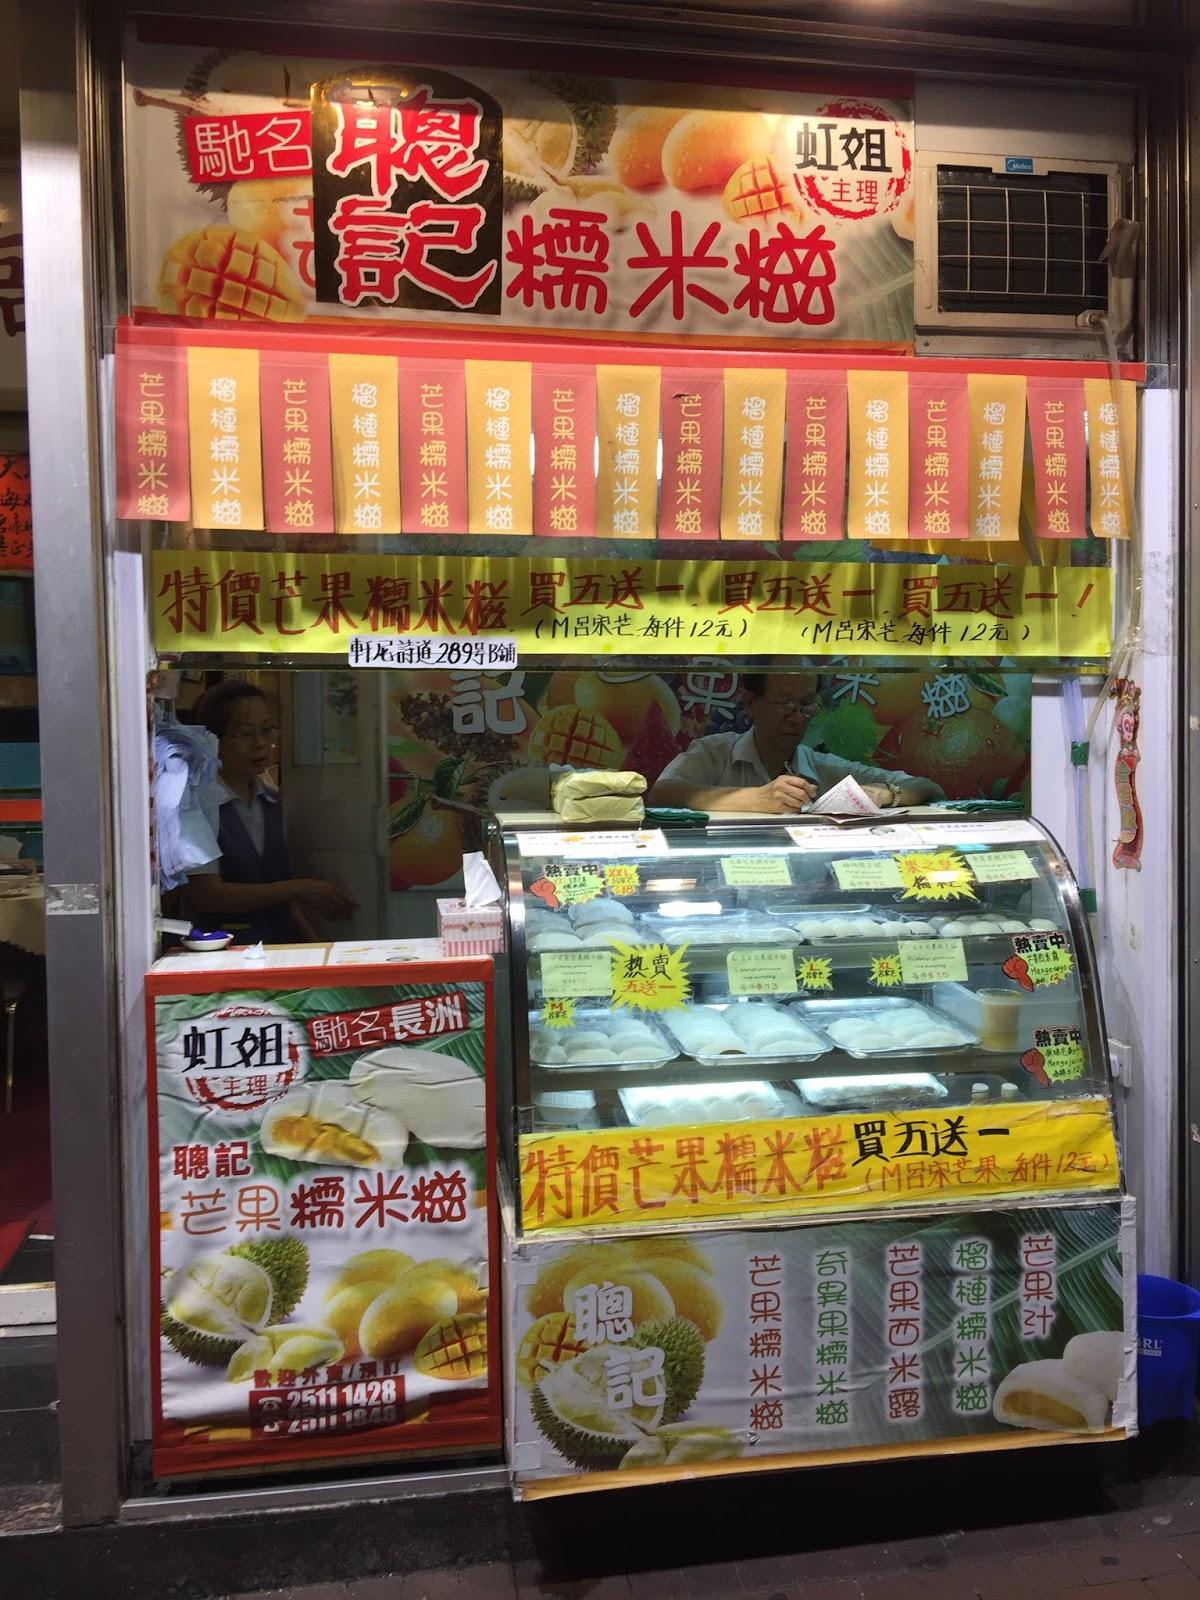 誰說只有長洲芒果糯米糍最好食??